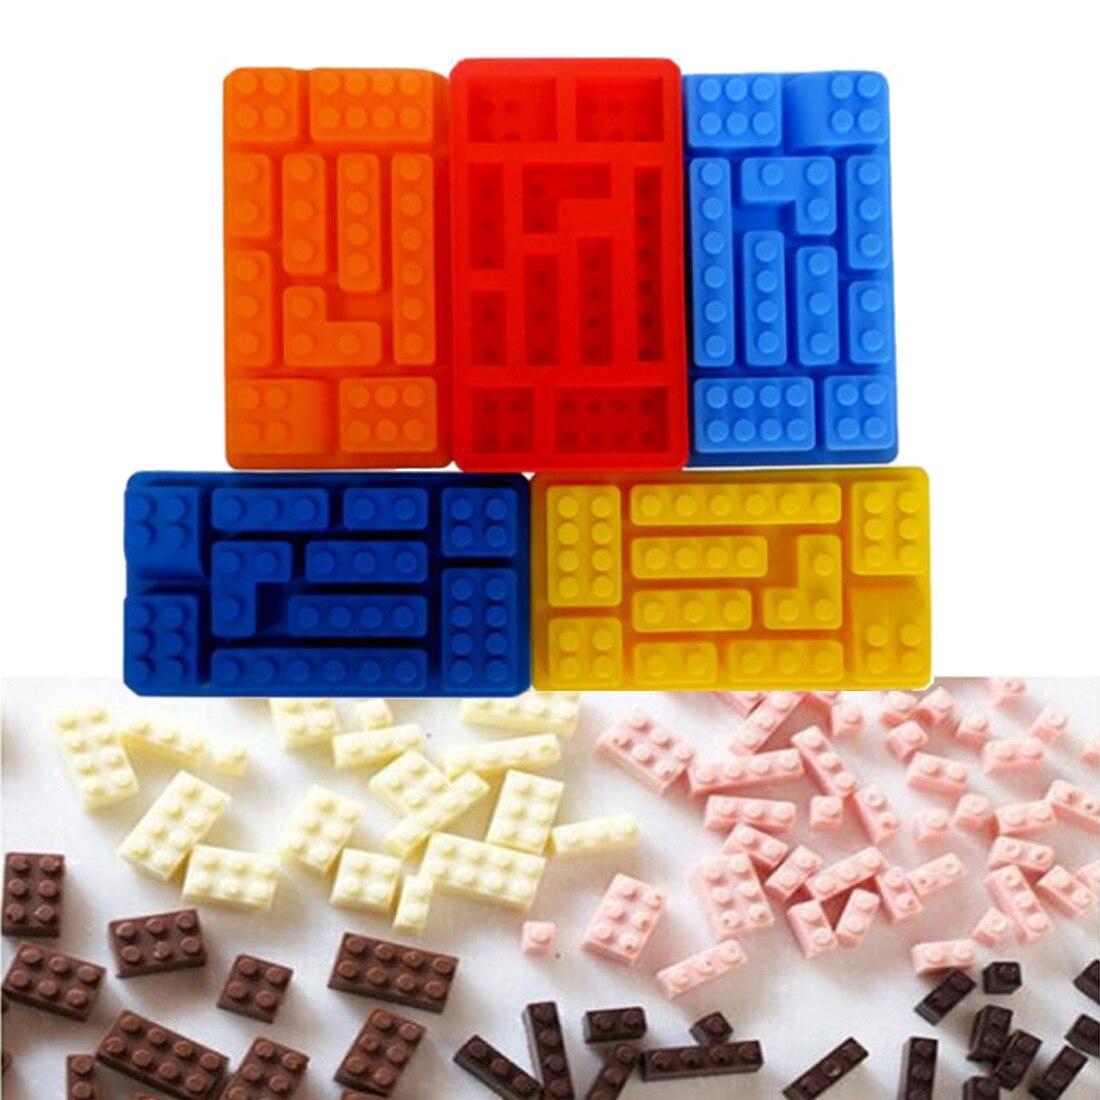 Wholesale 10 Holes Brick Blocks Shaped Rectangular DIY Chocolate Silicone Mold Hot Sale Ice Cube Tray Cake Tools Fondant Moulds